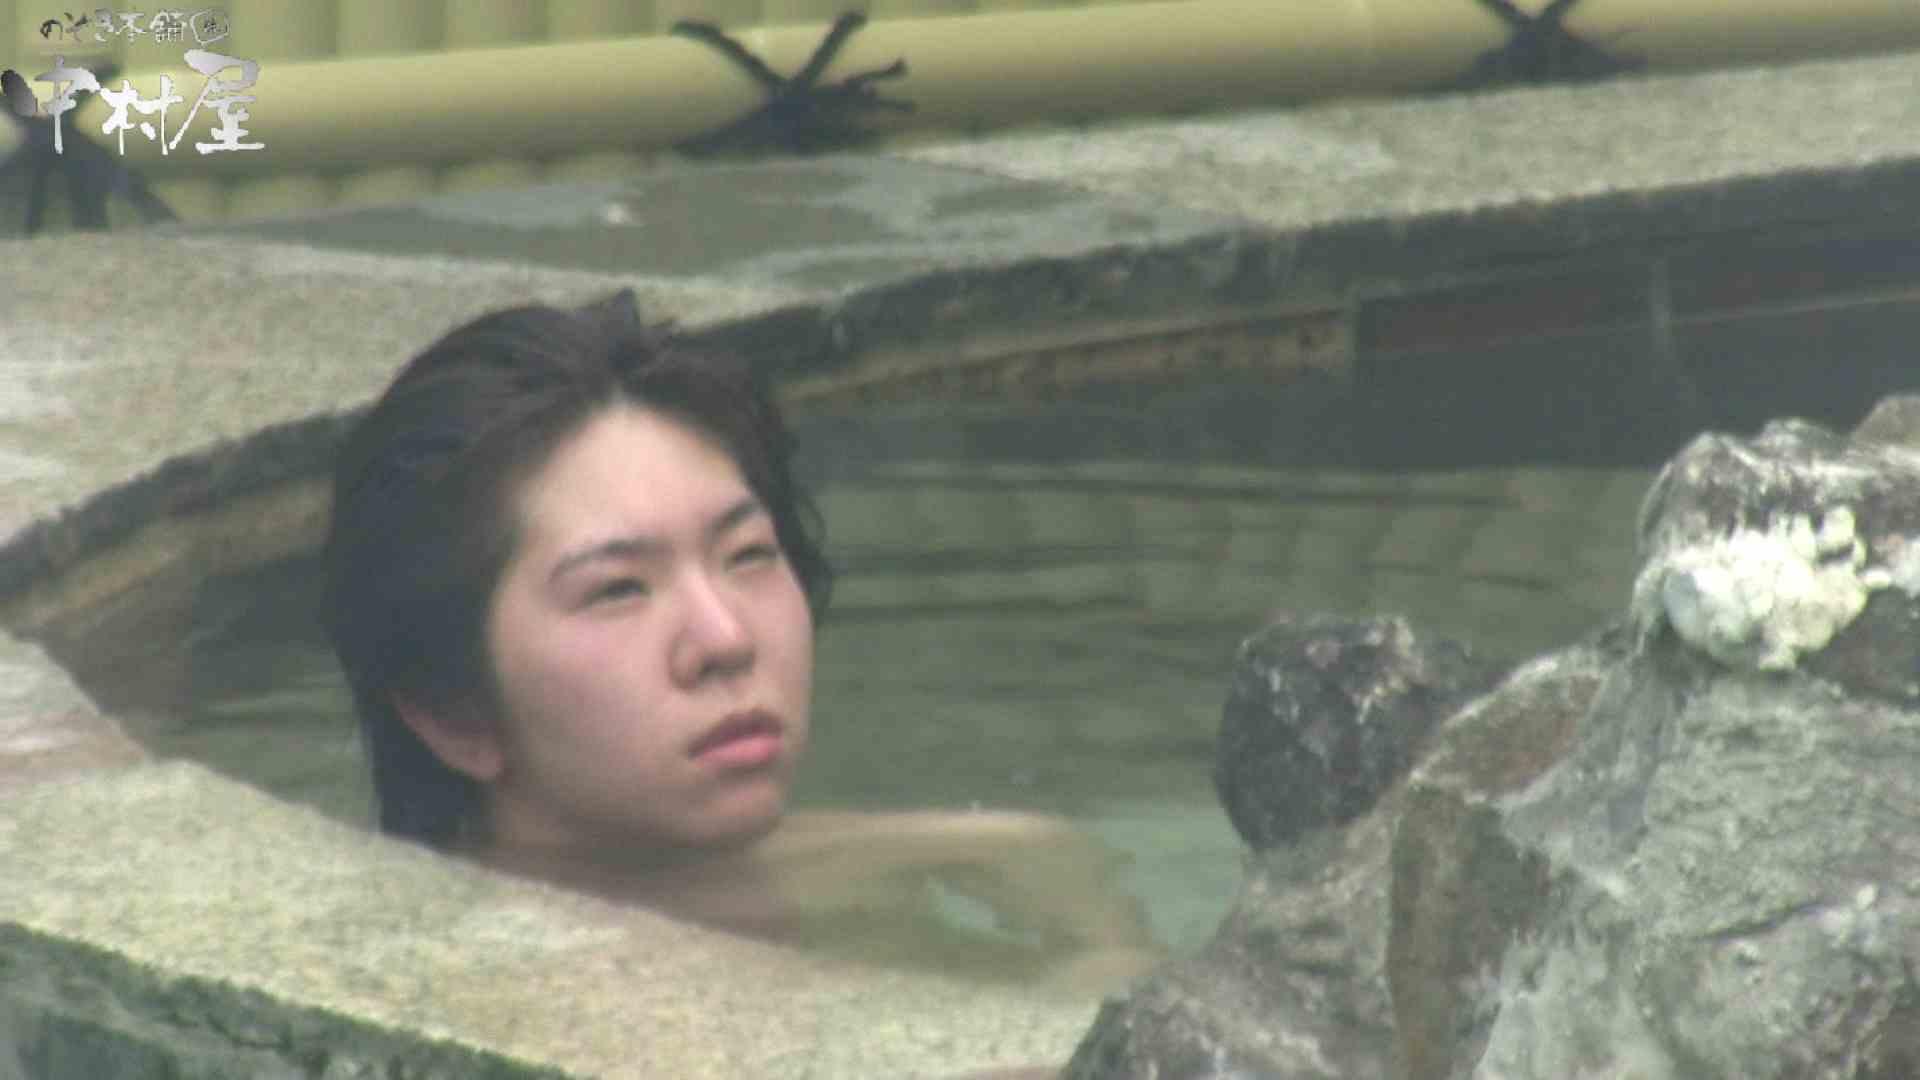 Aquaな露天風呂Vol.907 OL女体 | 女体盗撮  95連発 43